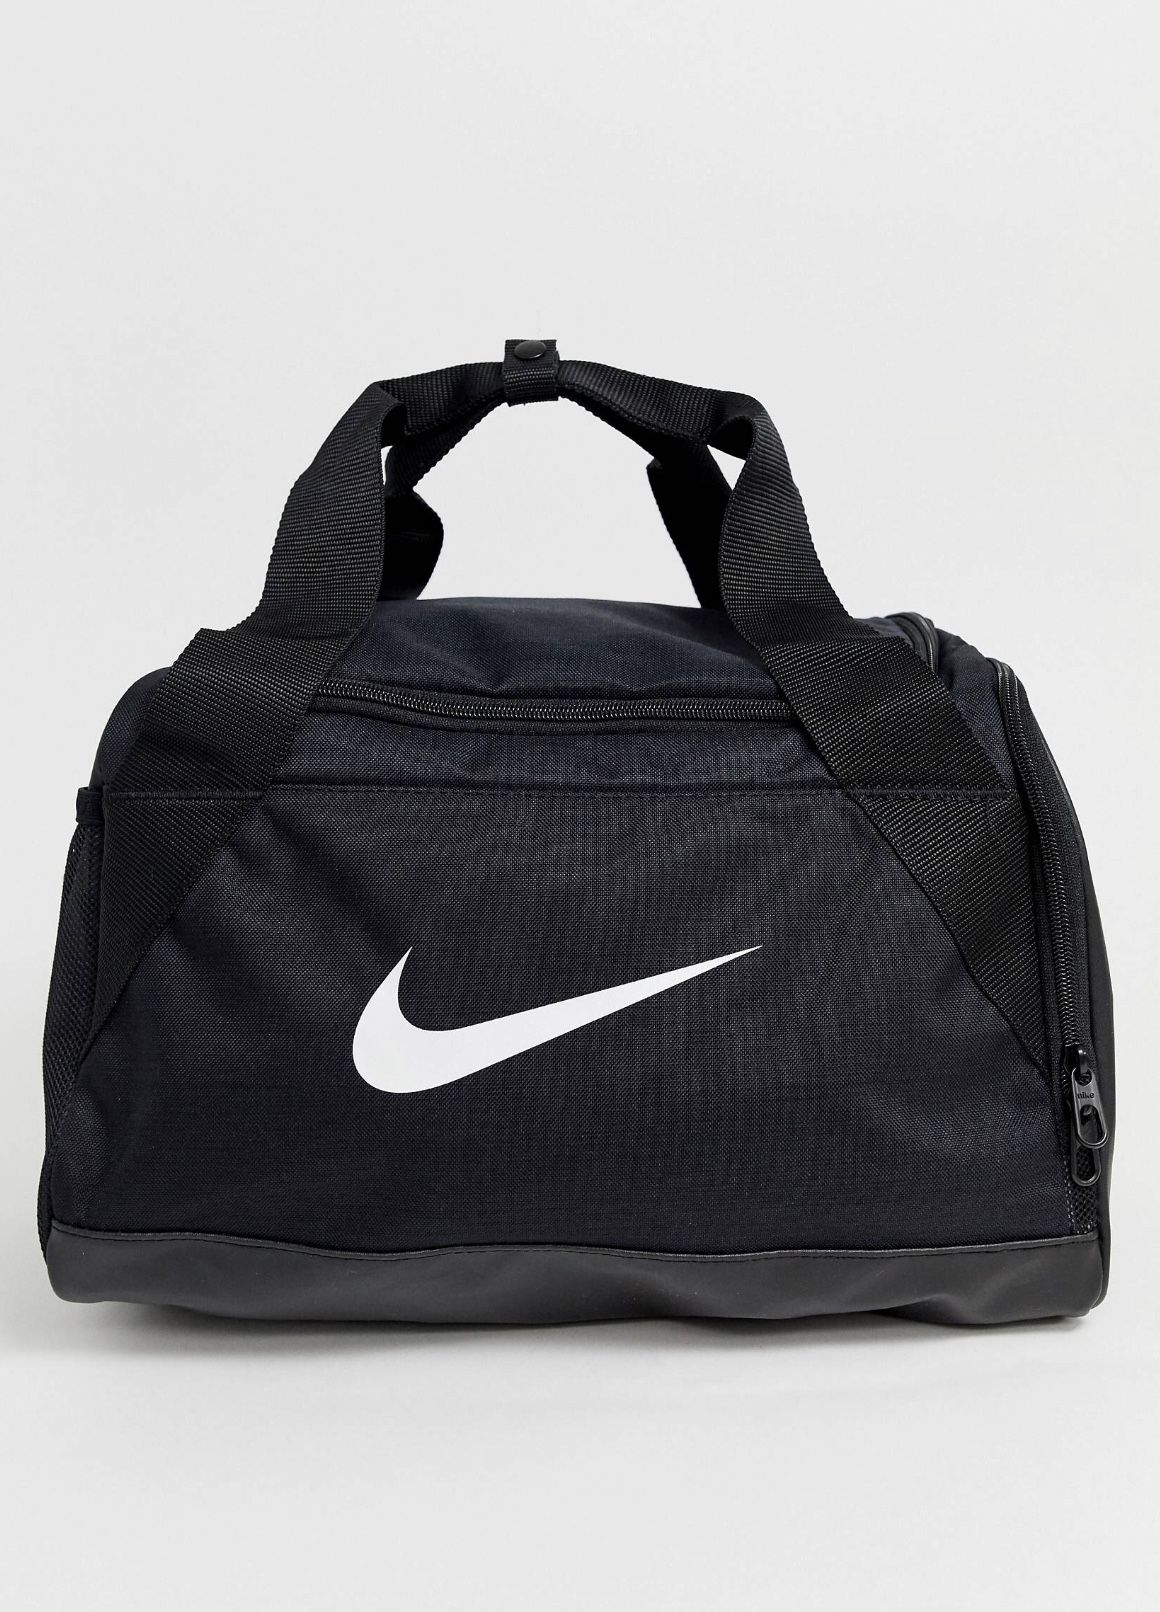 Sac Want 99€AsosI Pinterest De Nike Noir24 Sport Petit 5SAR3qc4jL